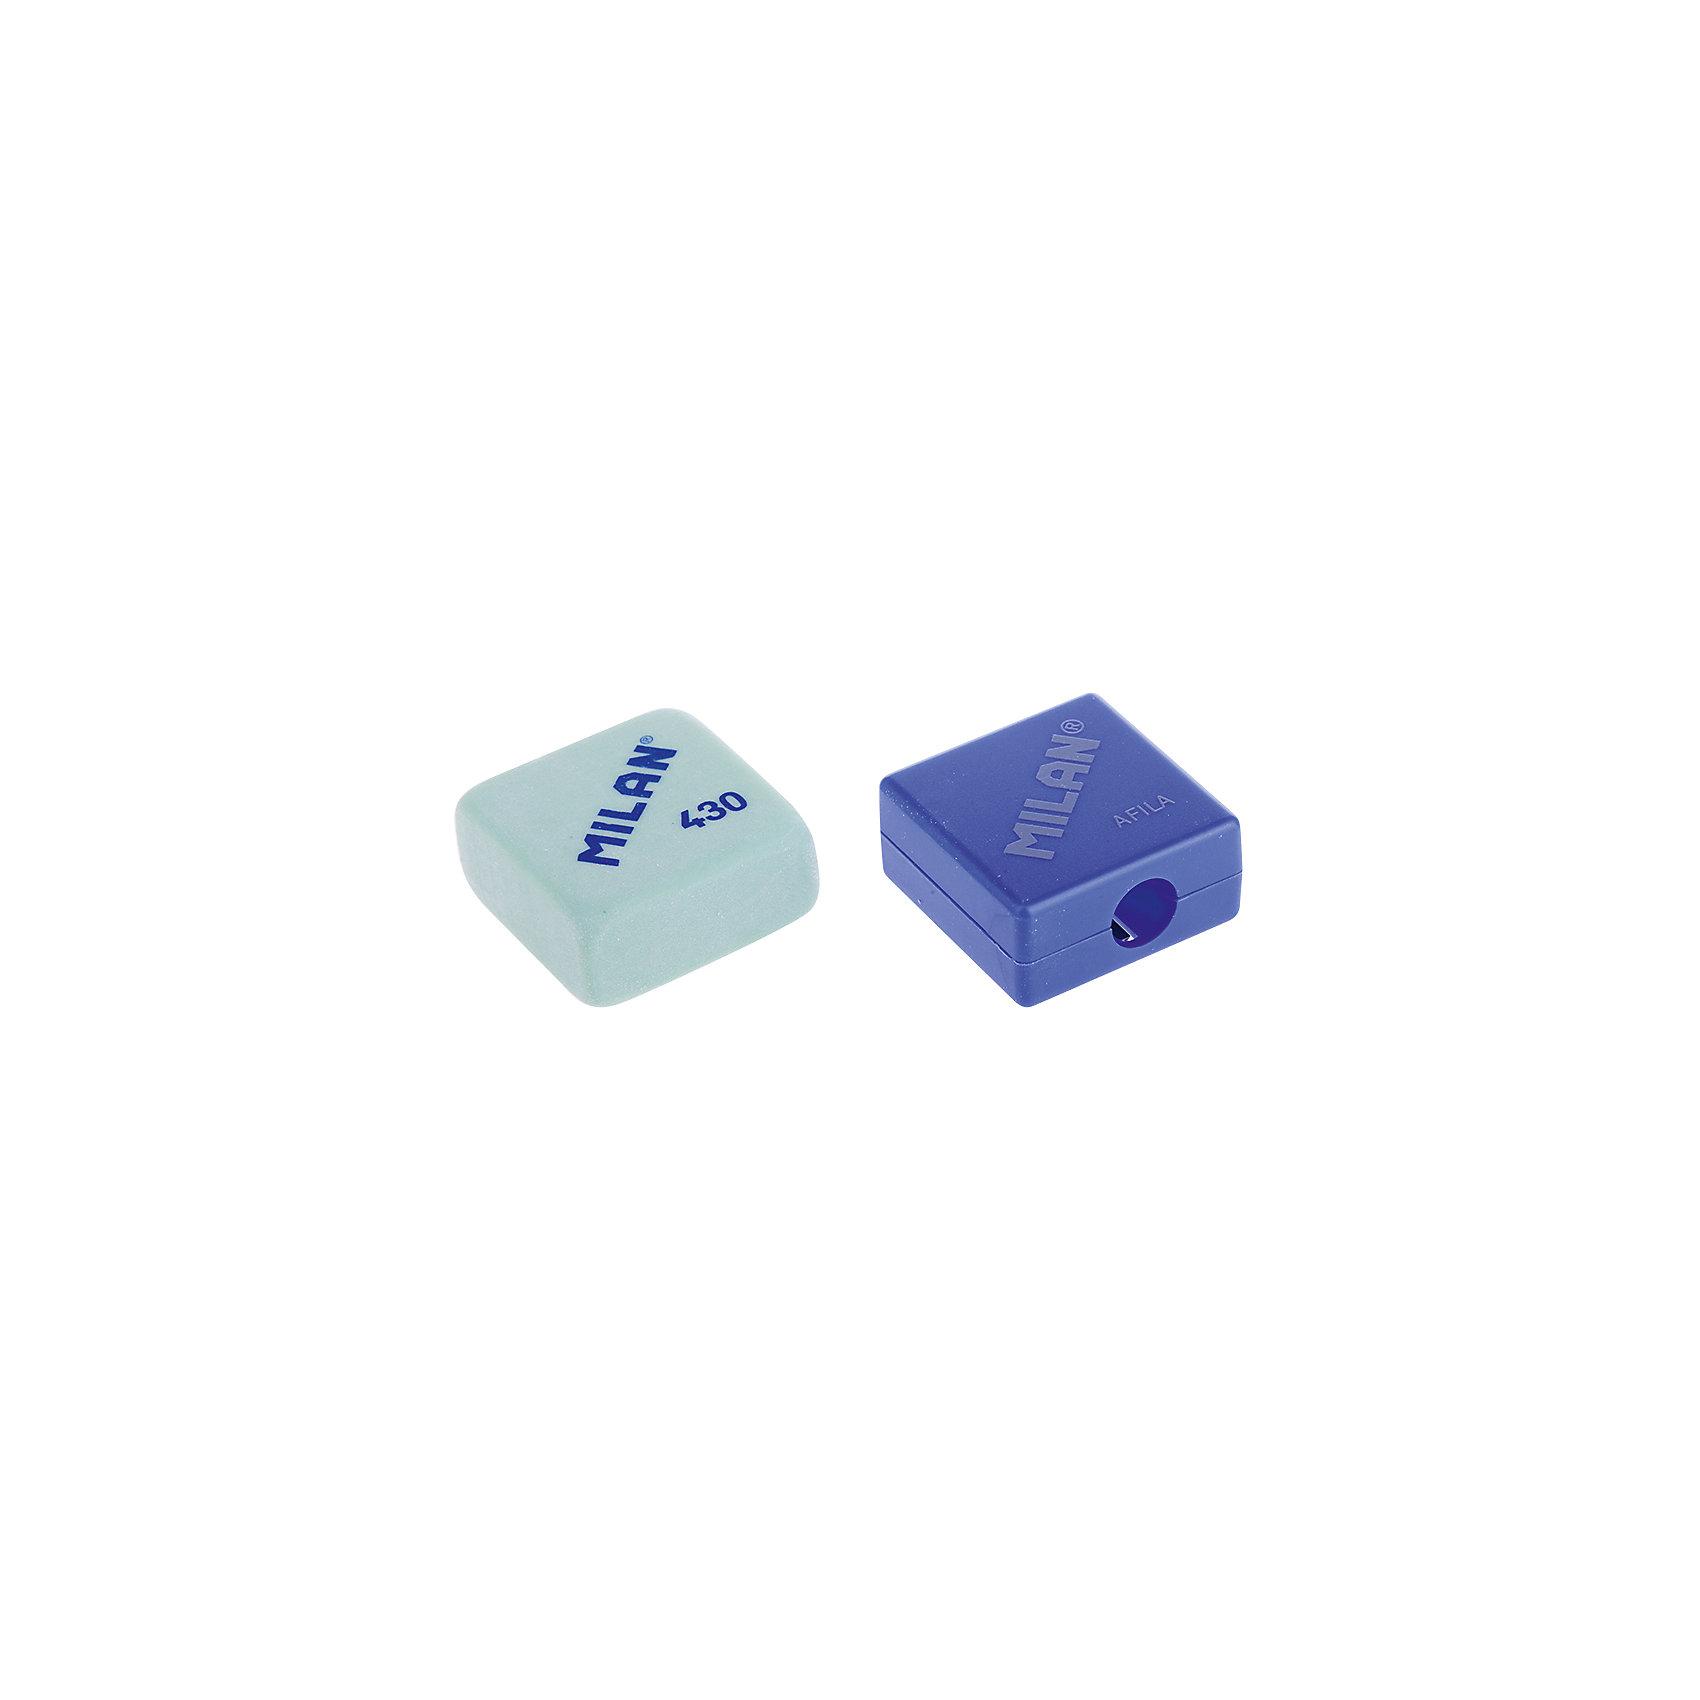 Набор точилка Afila + ластик Milan, цвет в ассортиментеКанцтовары для первоклассников<br>Кол-во отверстий для заточки: 1 <br>Размер: 27*27*13<br>Материал корпуса: пластик<br>Контейнер для стружки: есть<br>Цвет корпуса: ассорти<br>Упаковка ед. товара: блистер<br>Наличие штрихкода на ед. товара: есть<br>Ластик 430 в комплекте с точилкой AFILA в блистерной упаковке<br><br>Ширина мм: 140<br>Глубина мм: 83<br>Высота мм: 20<br>Вес г: 34<br>Возраст от месяцев: 36<br>Возраст до месяцев: 2147483647<br>Пол: Унисекс<br>Возраст: Детский<br>SKU: 7044155